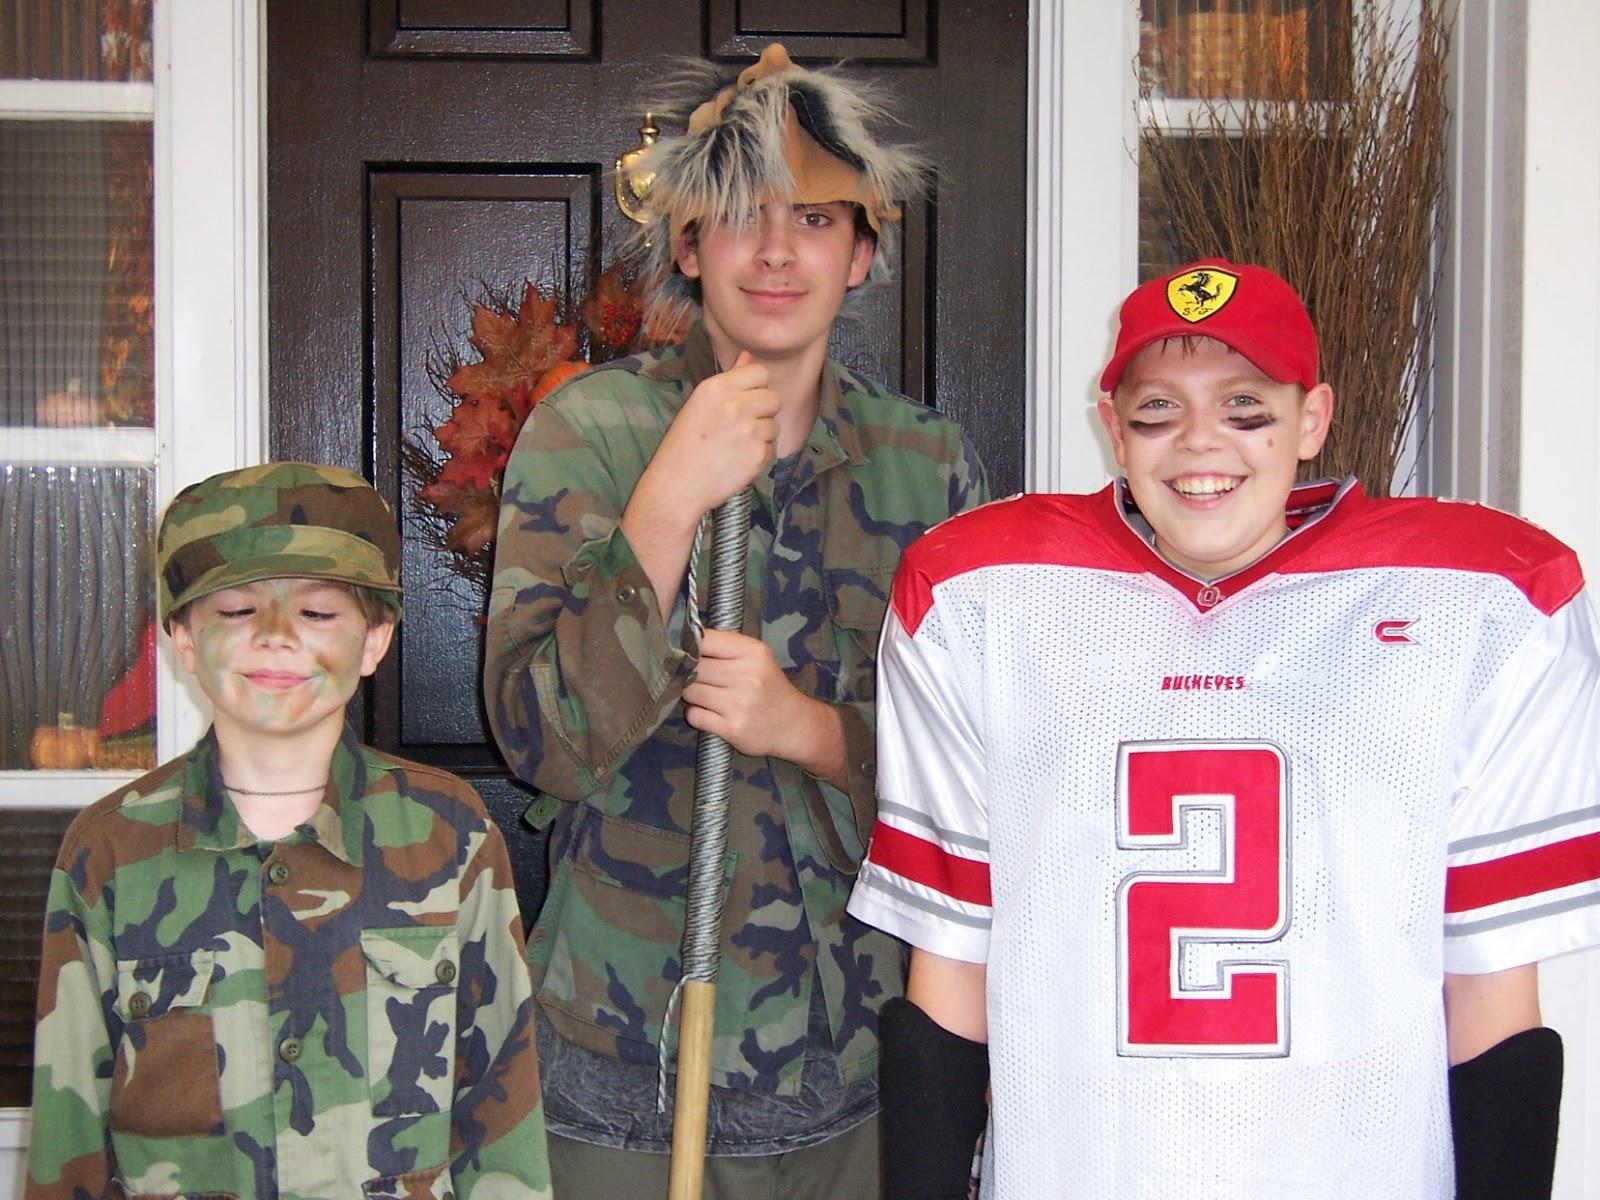 halloween costume ideas part 2